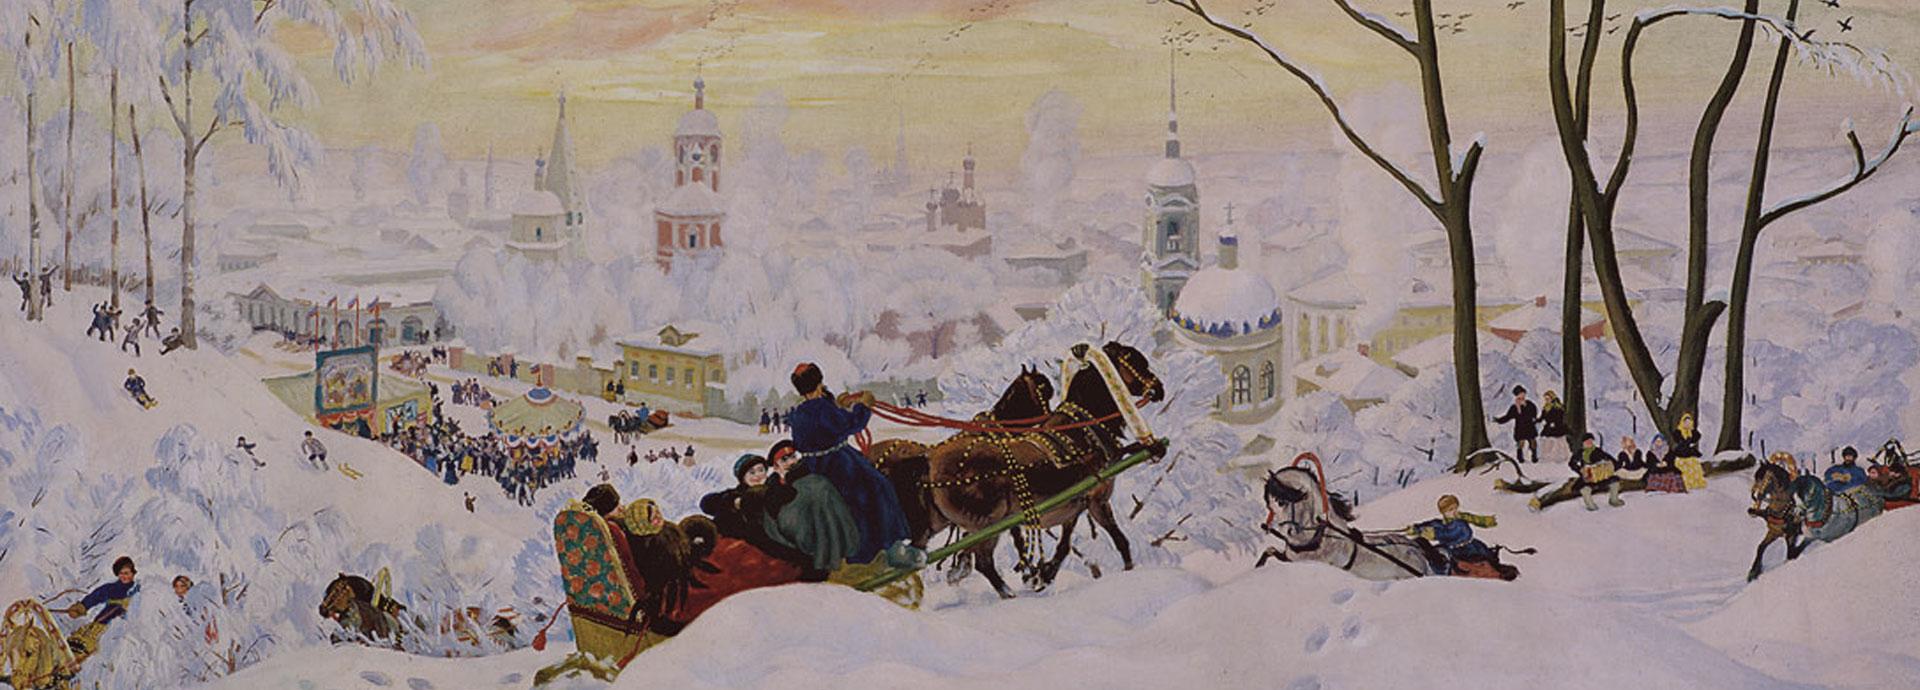 Картина Масленица